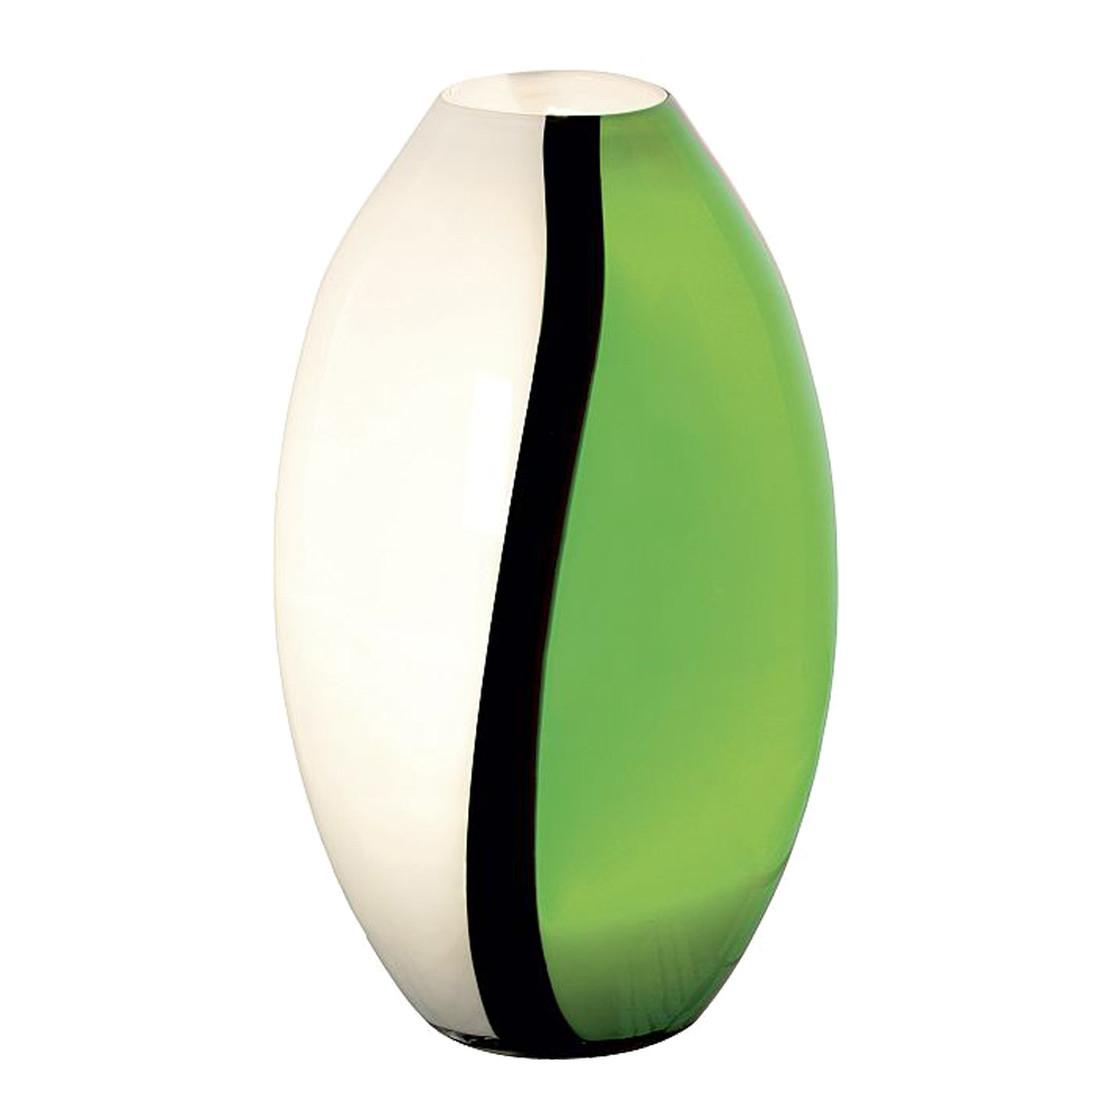 eglo 87757 empori tischleuchte gr n weiss schwarz lampen rampe 49 99. Black Bedroom Furniture Sets. Home Design Ideas